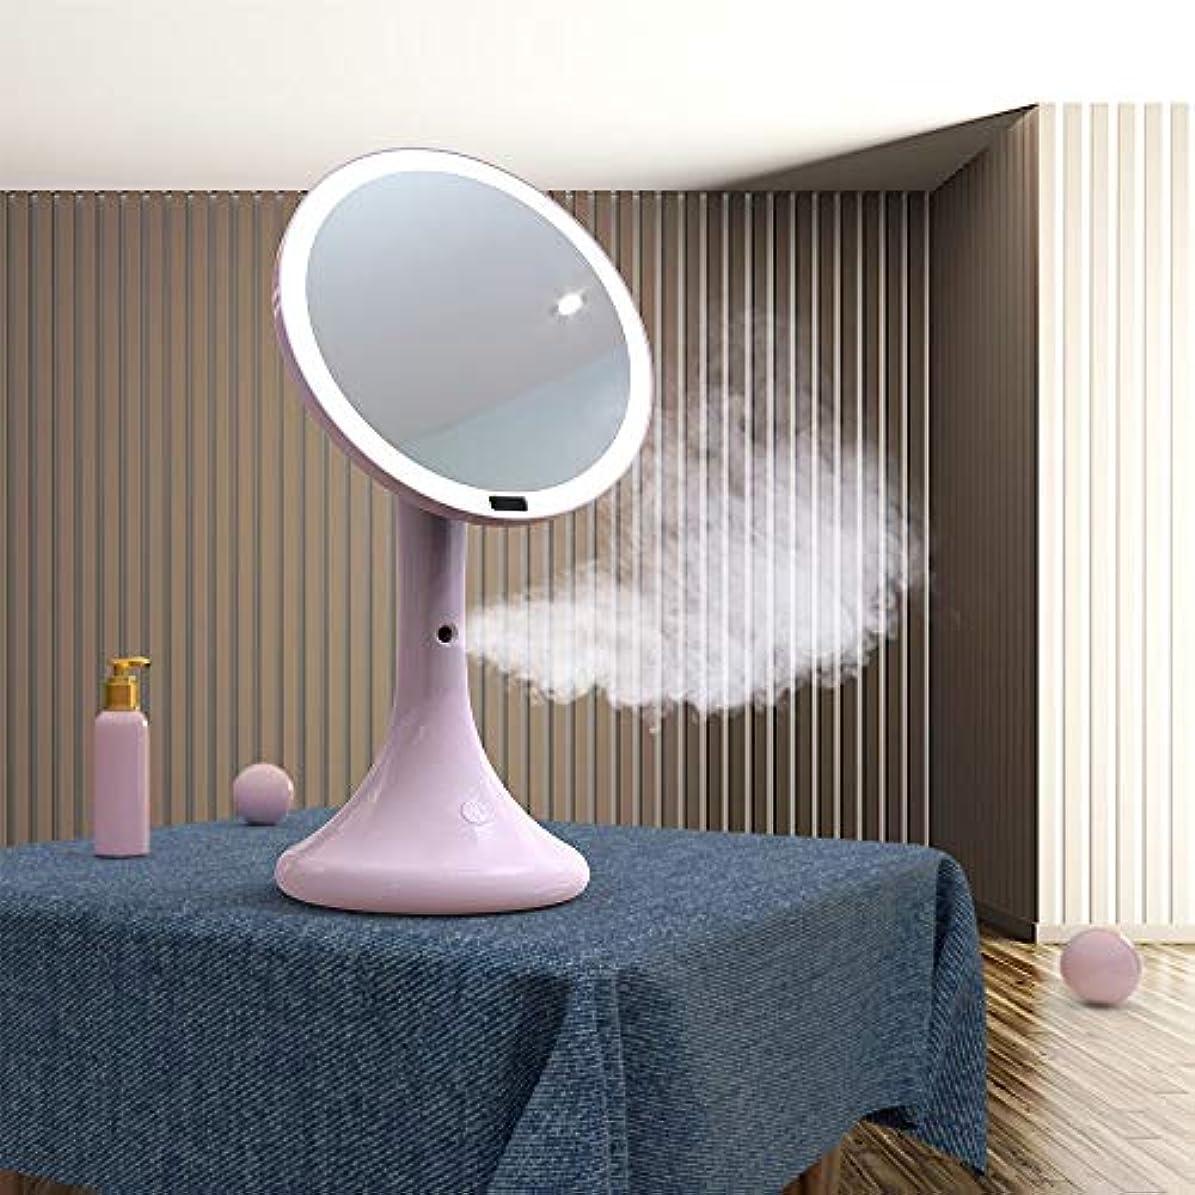 後方宣教師慈悲深い流行の スプレー水和LED化粧鏡インテリジェント人体誘導ランプミラーデスクトップ美容ミラー水和ABS素材ピンクセクションブルーセクション (色 : Pink)